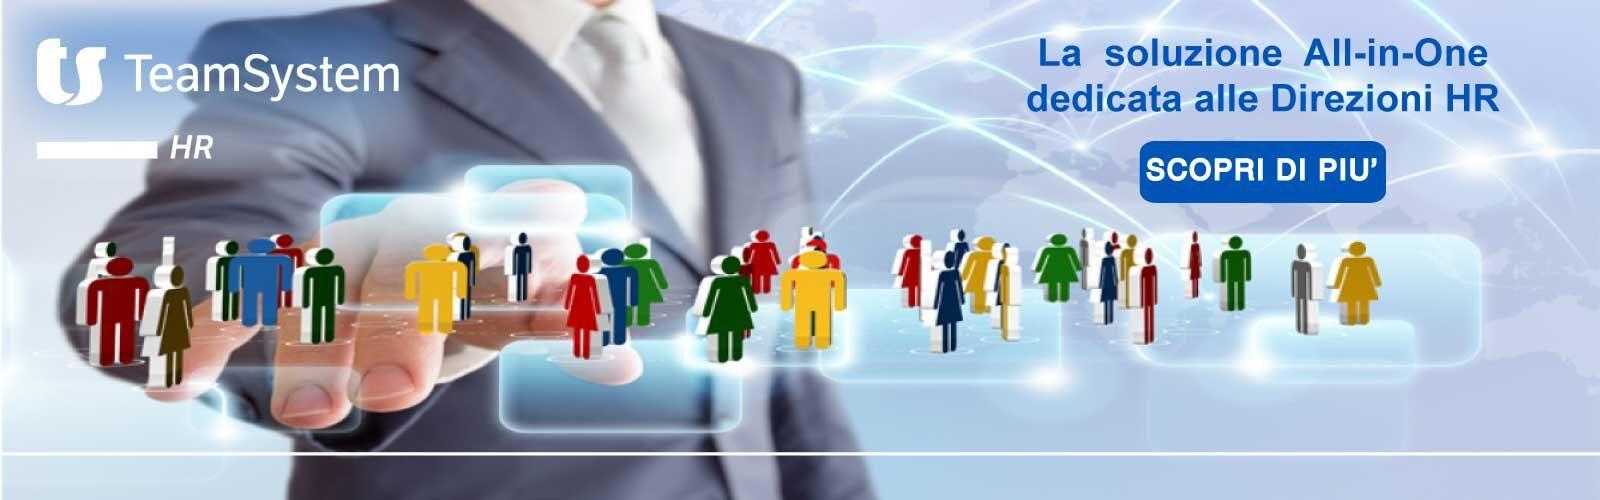 TeamSystem HR – Il sistema integrato per la gestione delle Risorse Umane